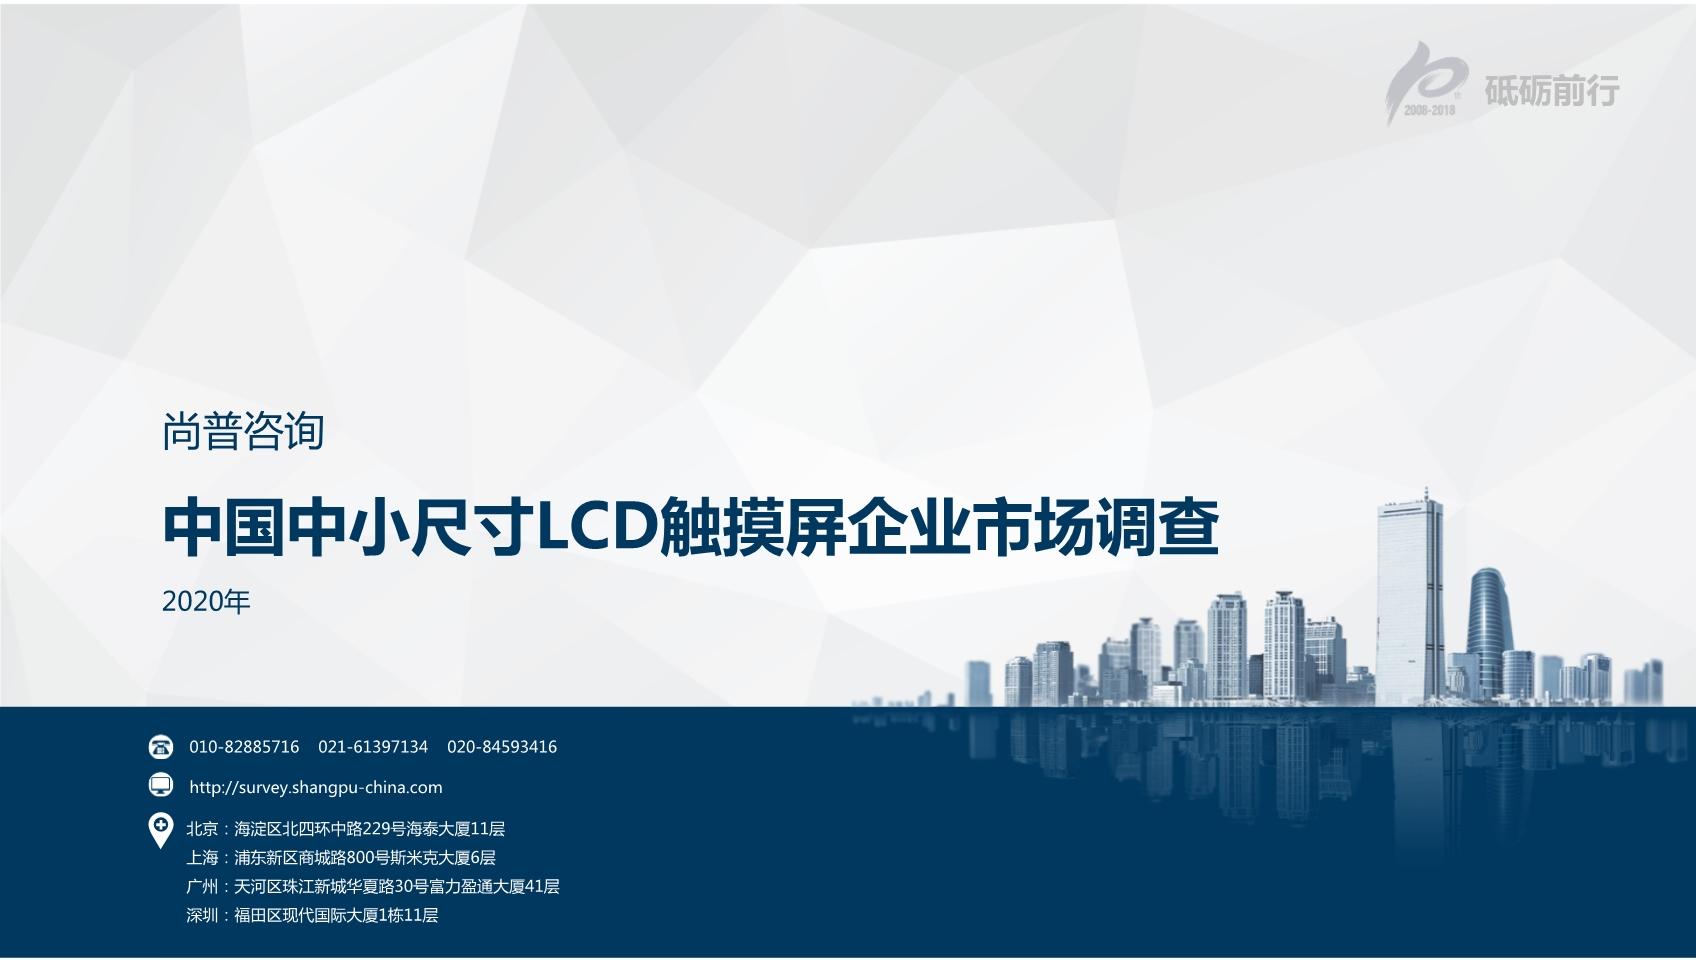 尚普咨询:2020年中国中小尺寸LCD触摸屏企业市场调查